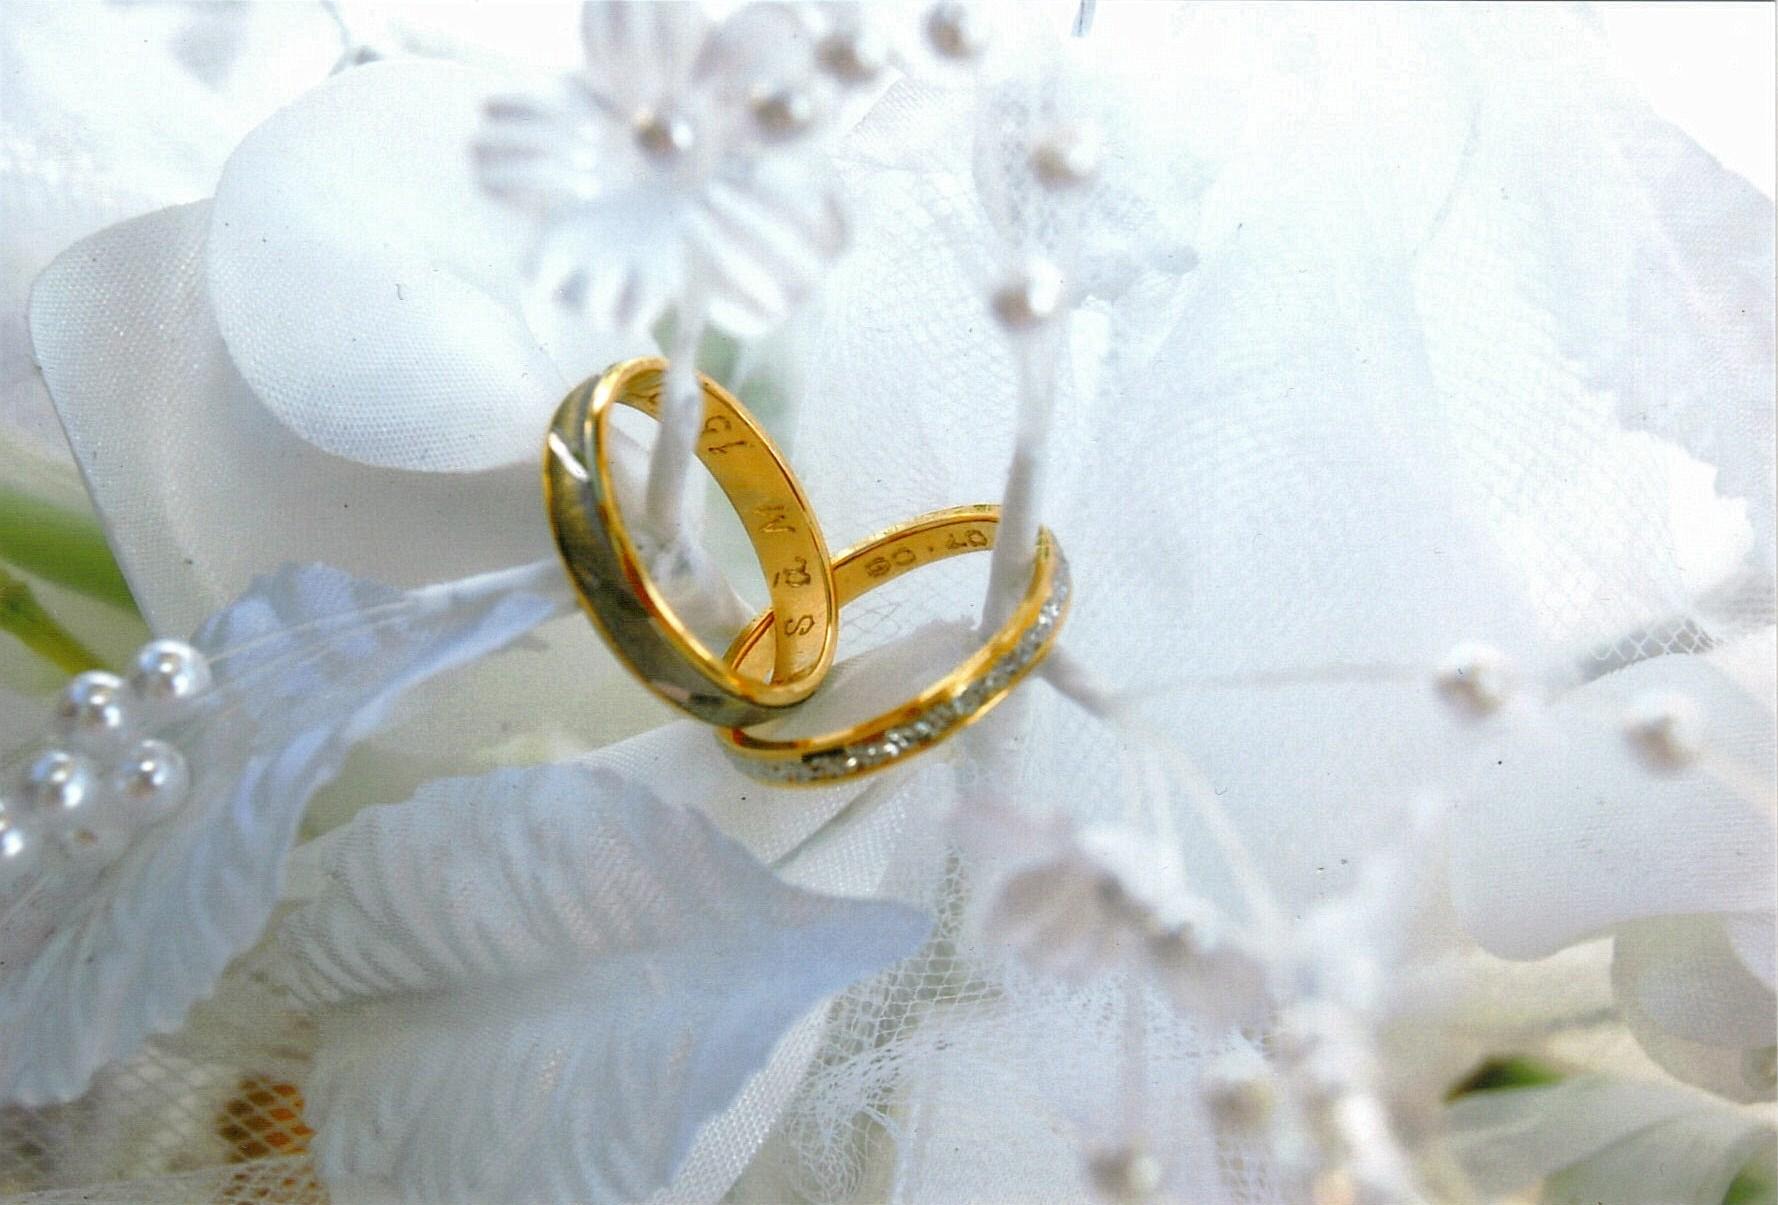 9 erreurs viter pour r ussir l organisation de son mariage couple - Photo de mariage ...